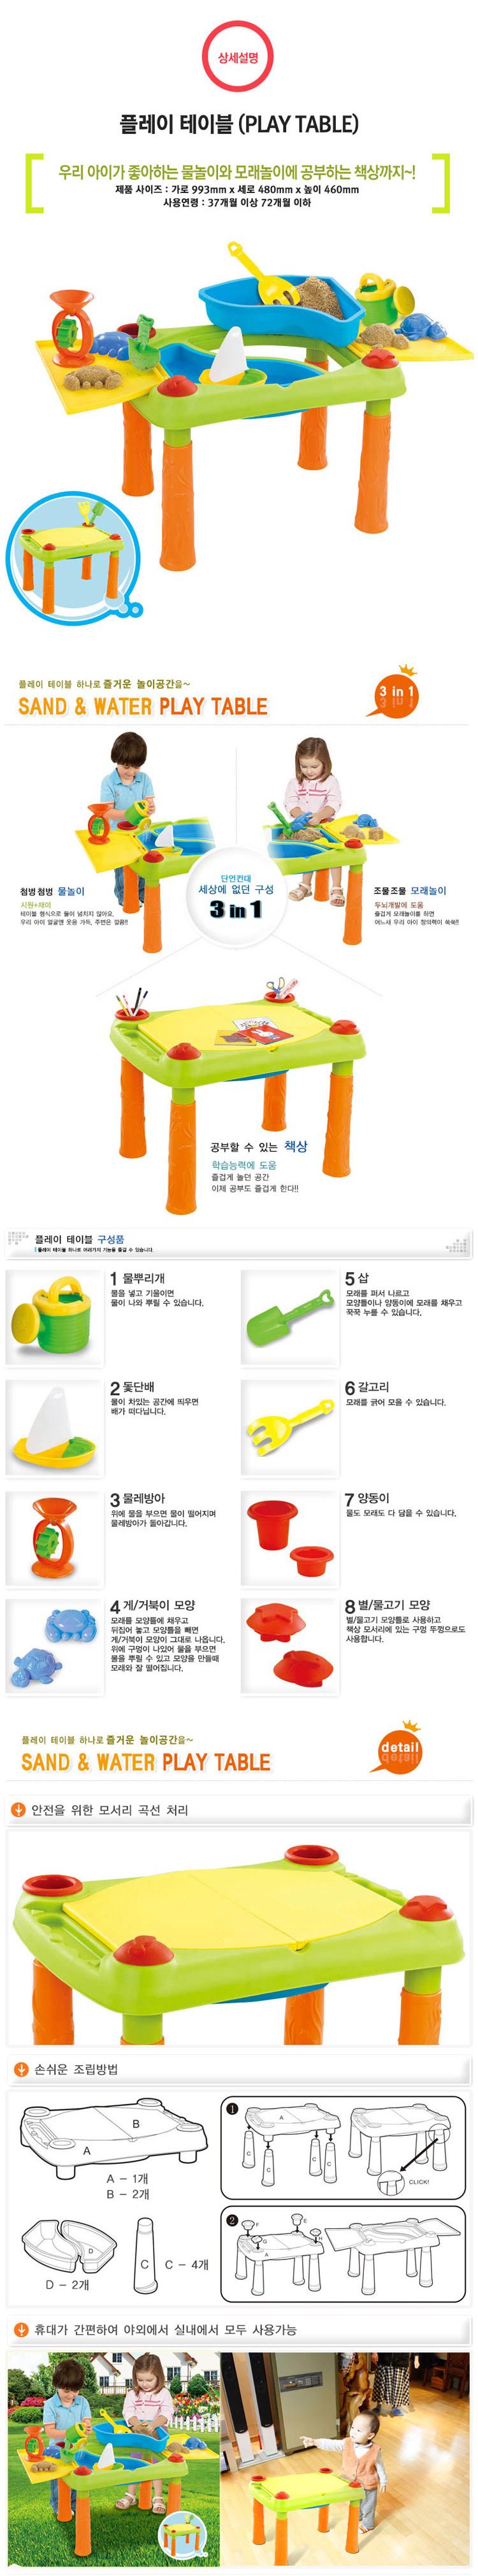 아동용테이블,공부책상,어린이집,아동책상,색칠공부,테이블